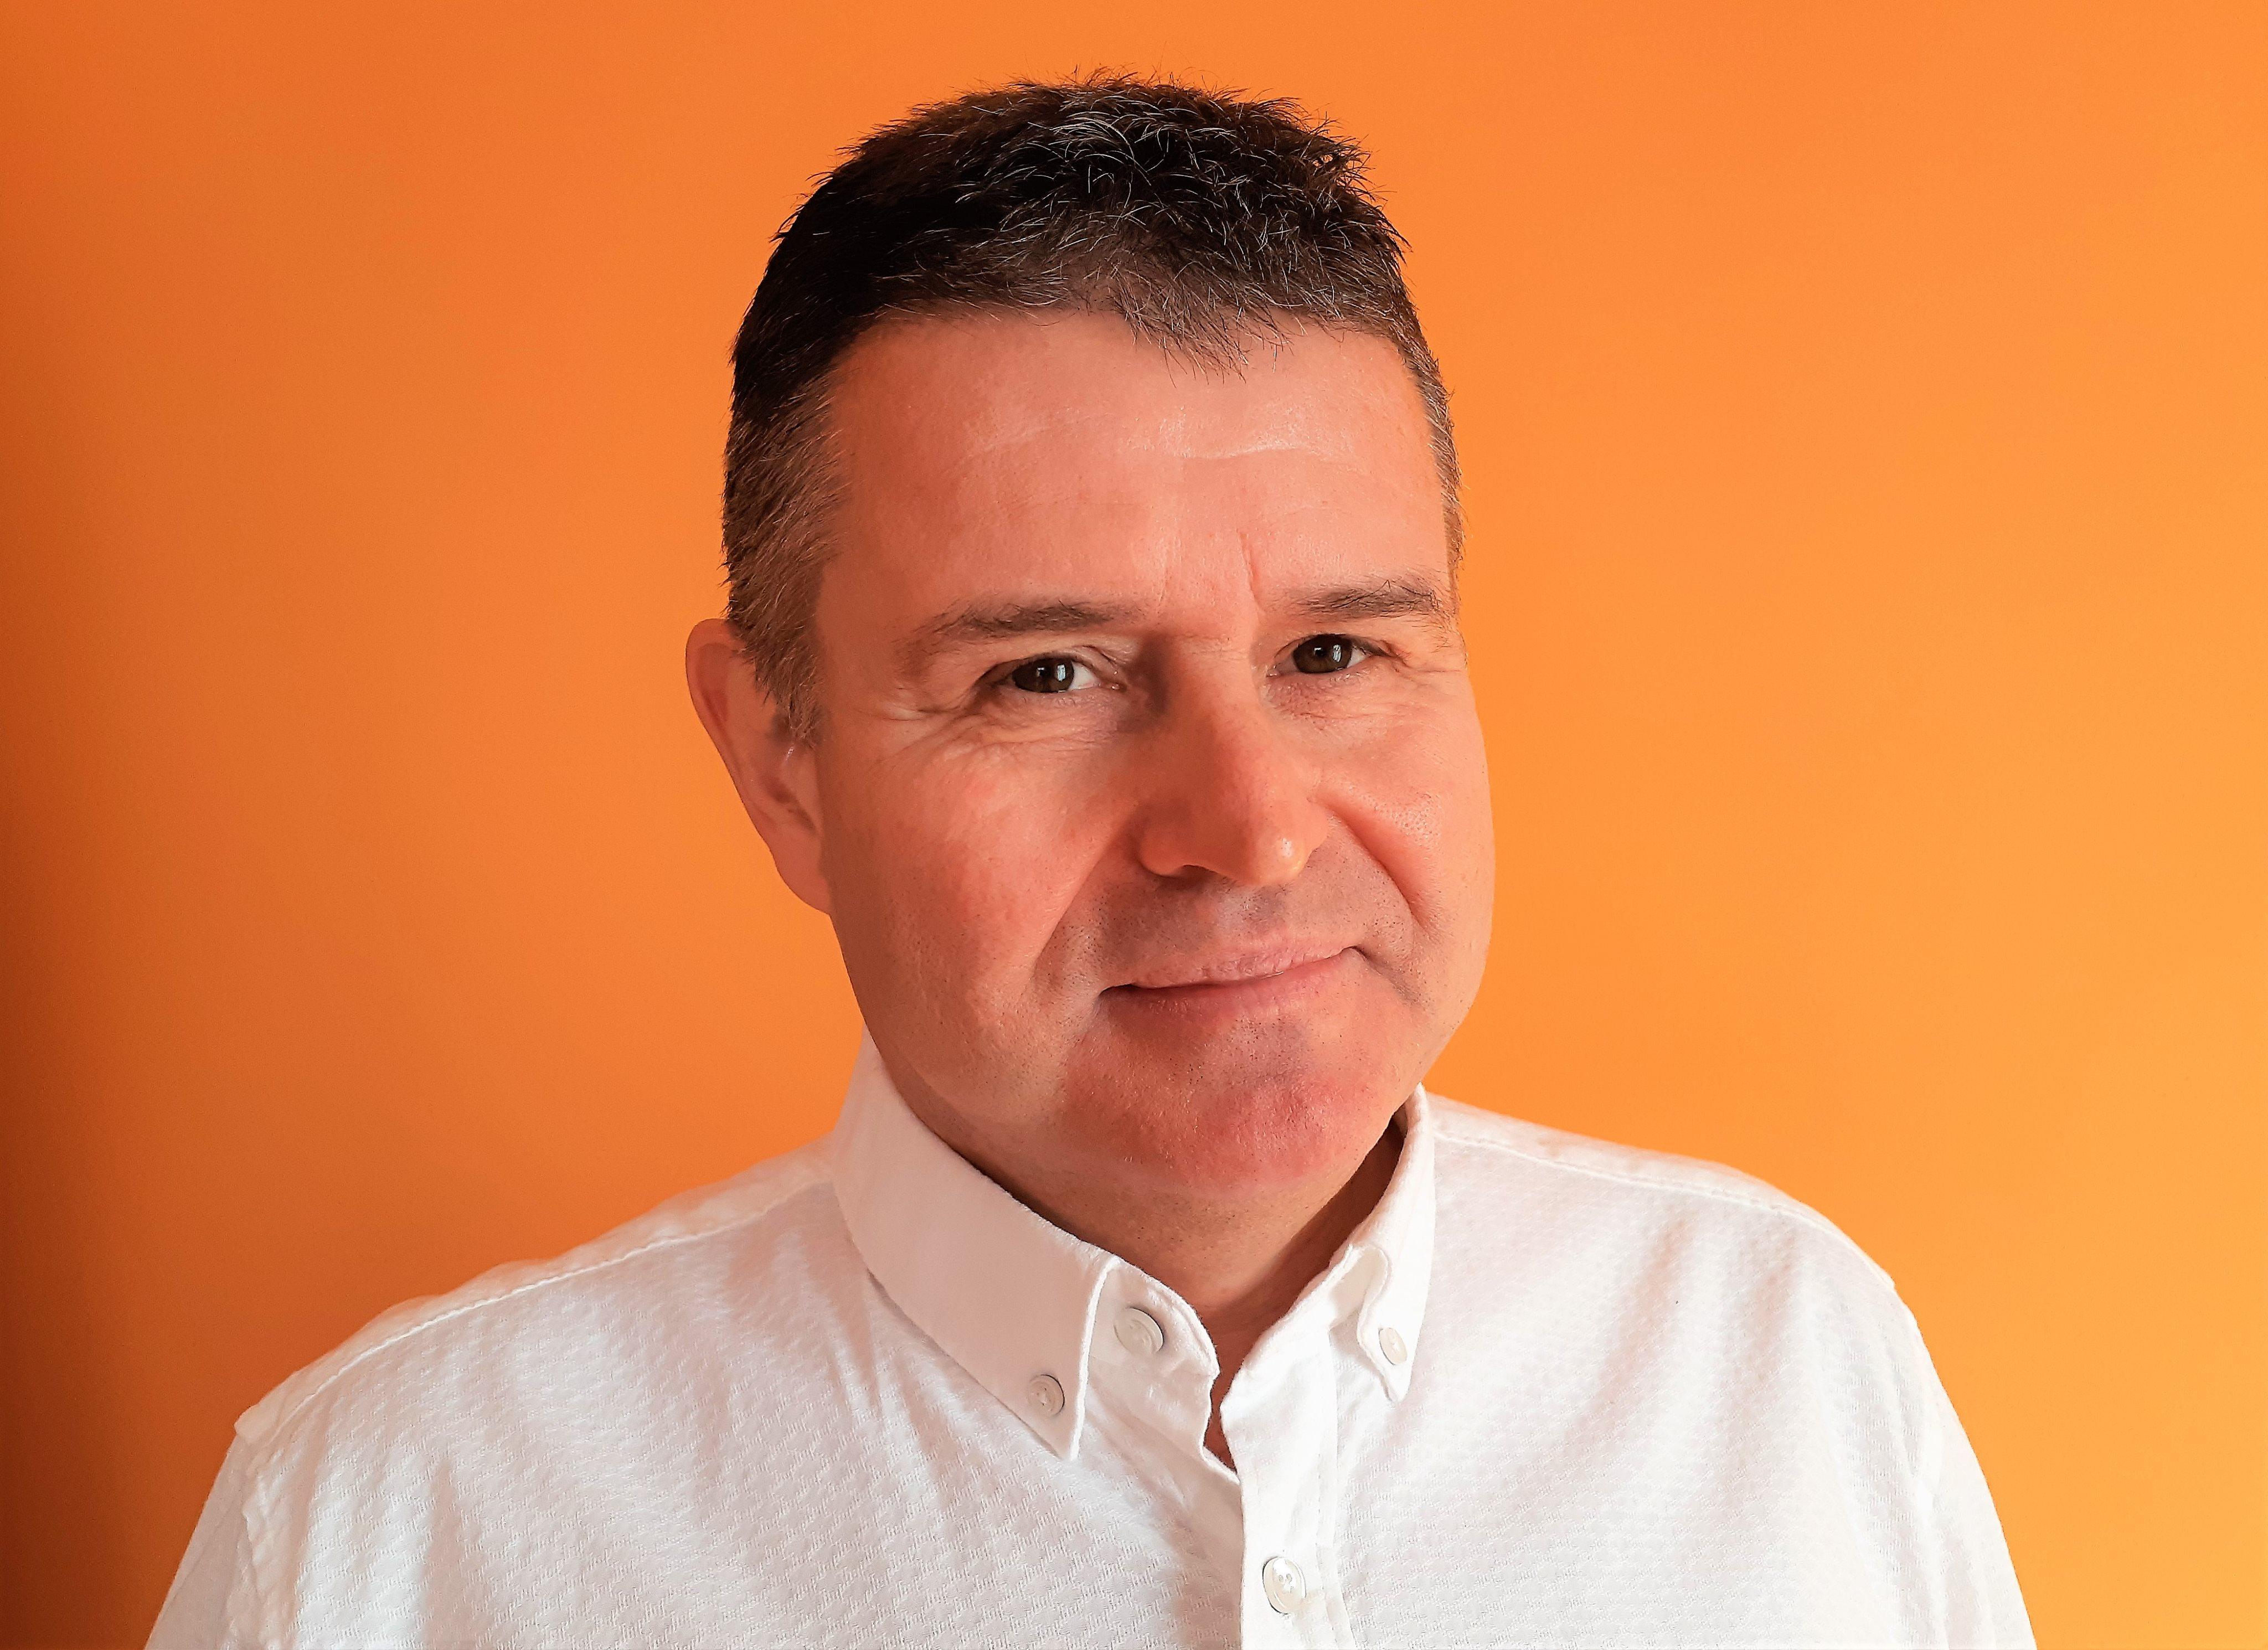 Márton Miklós, a CLN Slovakia magyarországi kereskedelmi képviselője